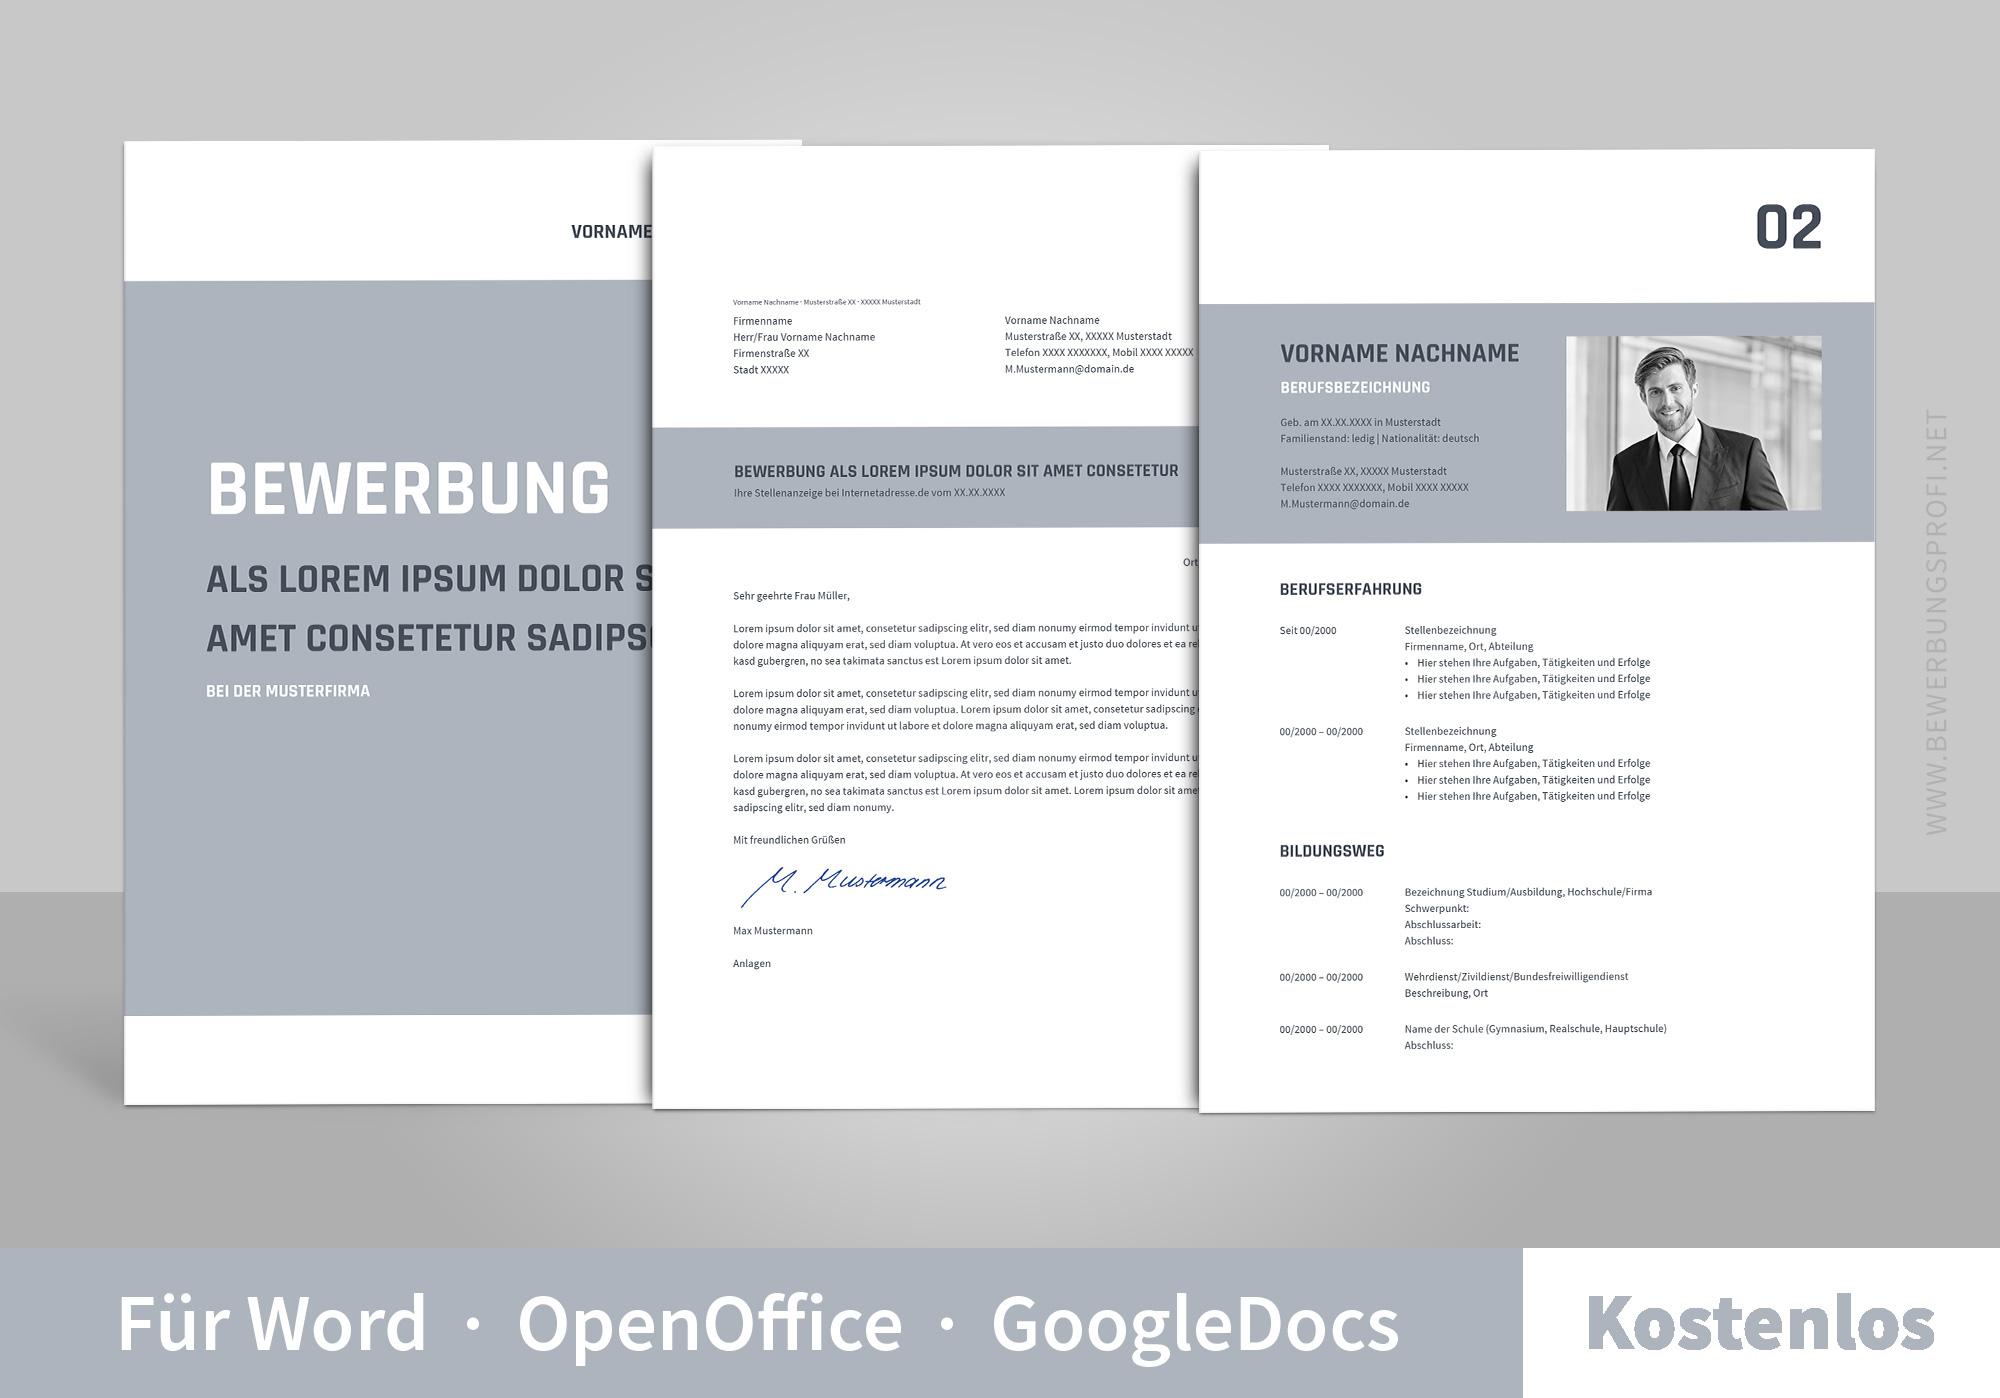 Bewerbung: Muster & Vorlagen - BEWERBUNGSPROFI.NET